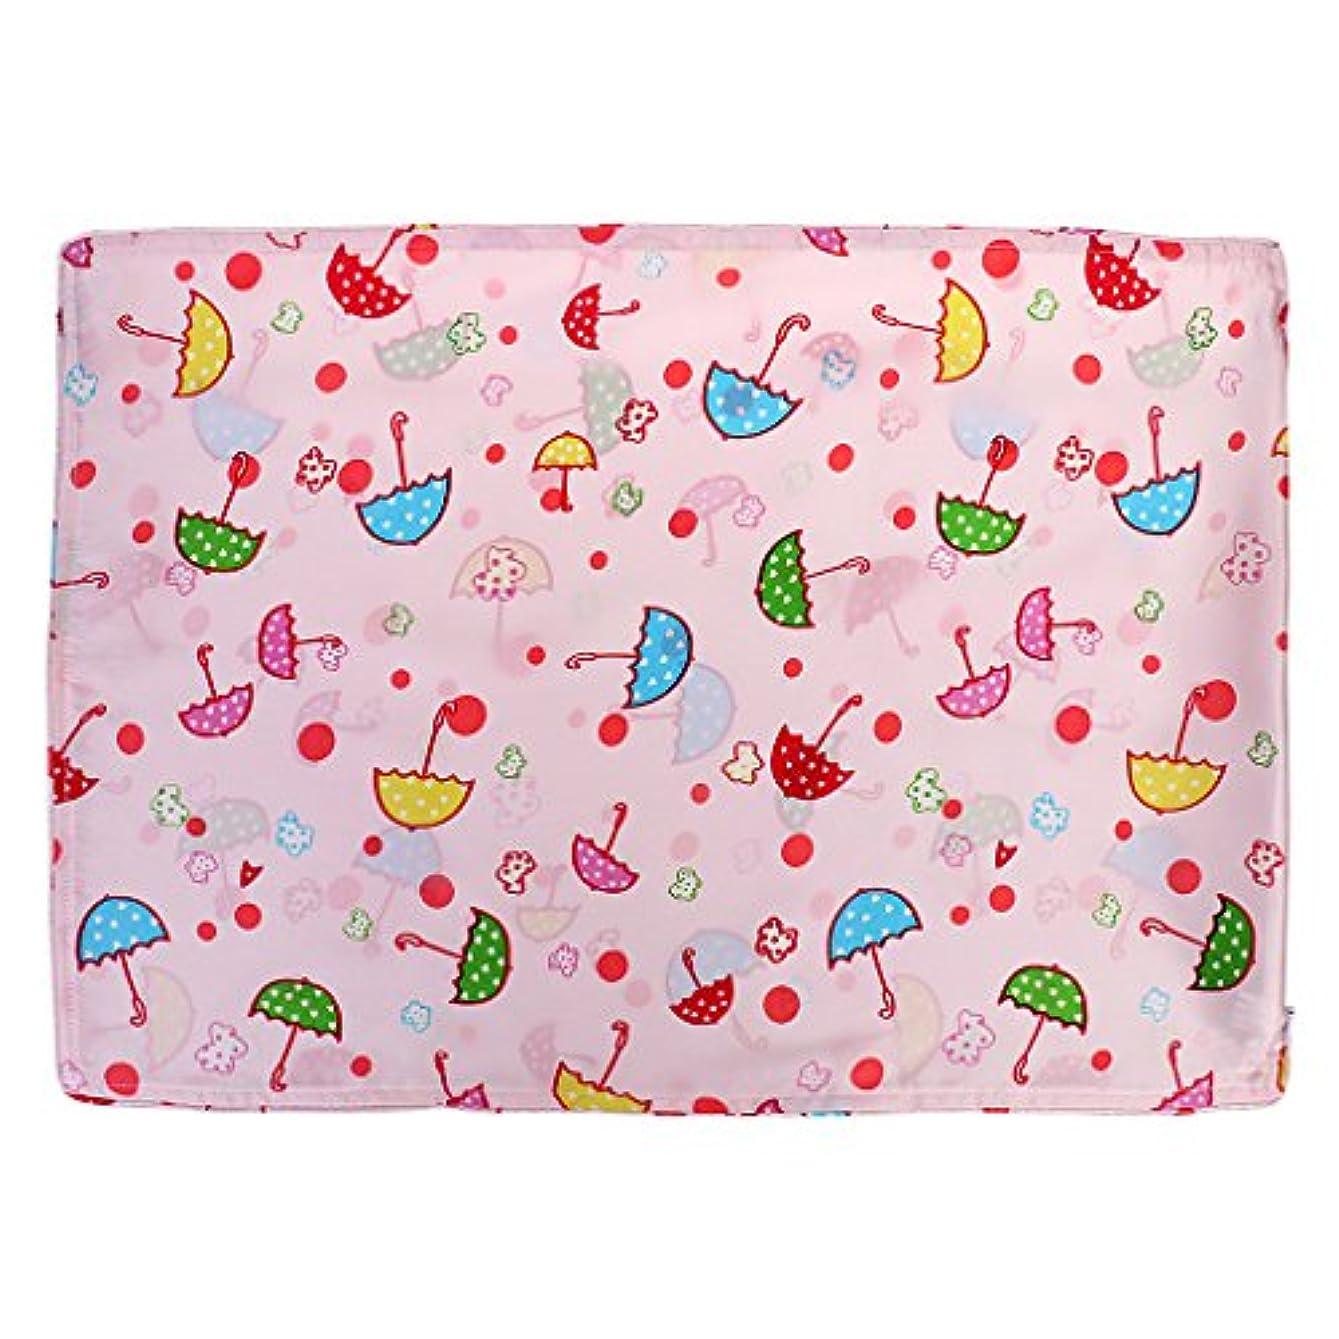 キャベツ高速道路苦行FLAMEER かわいい赤ちゃんキッズ100%シルクサテン両面枕カバー30 * 45センチメートル傘ピンク